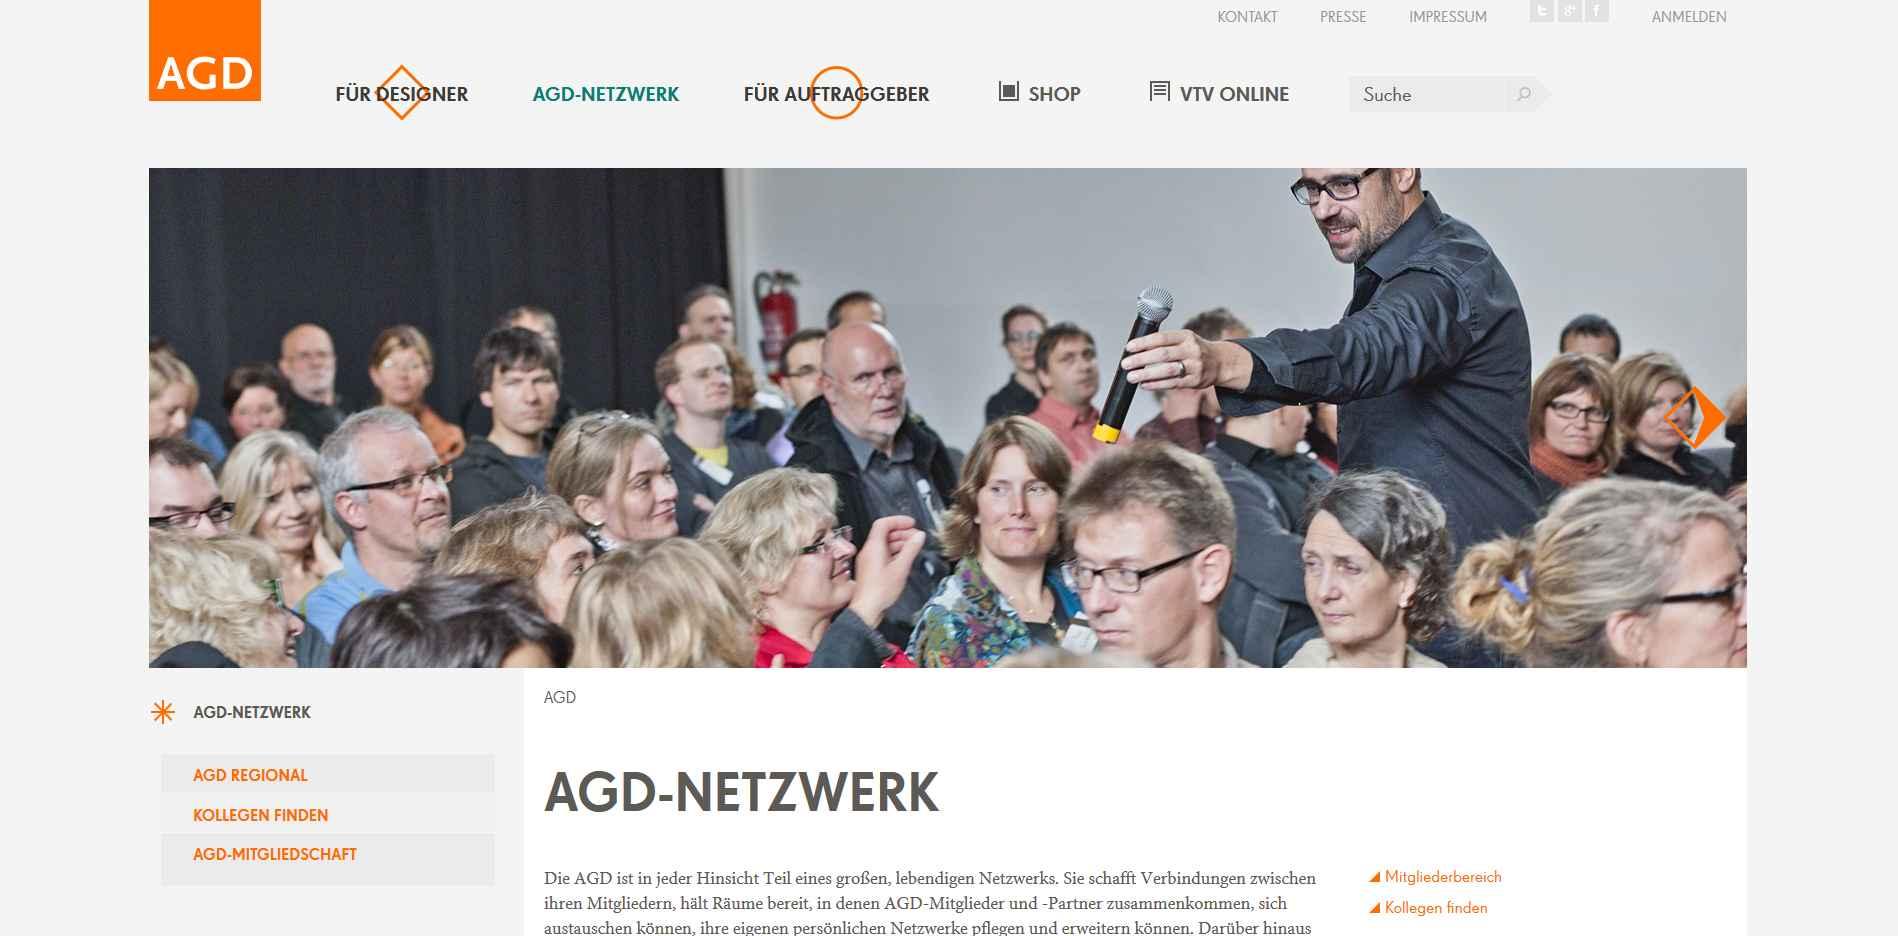 AGD Screenshot_neu